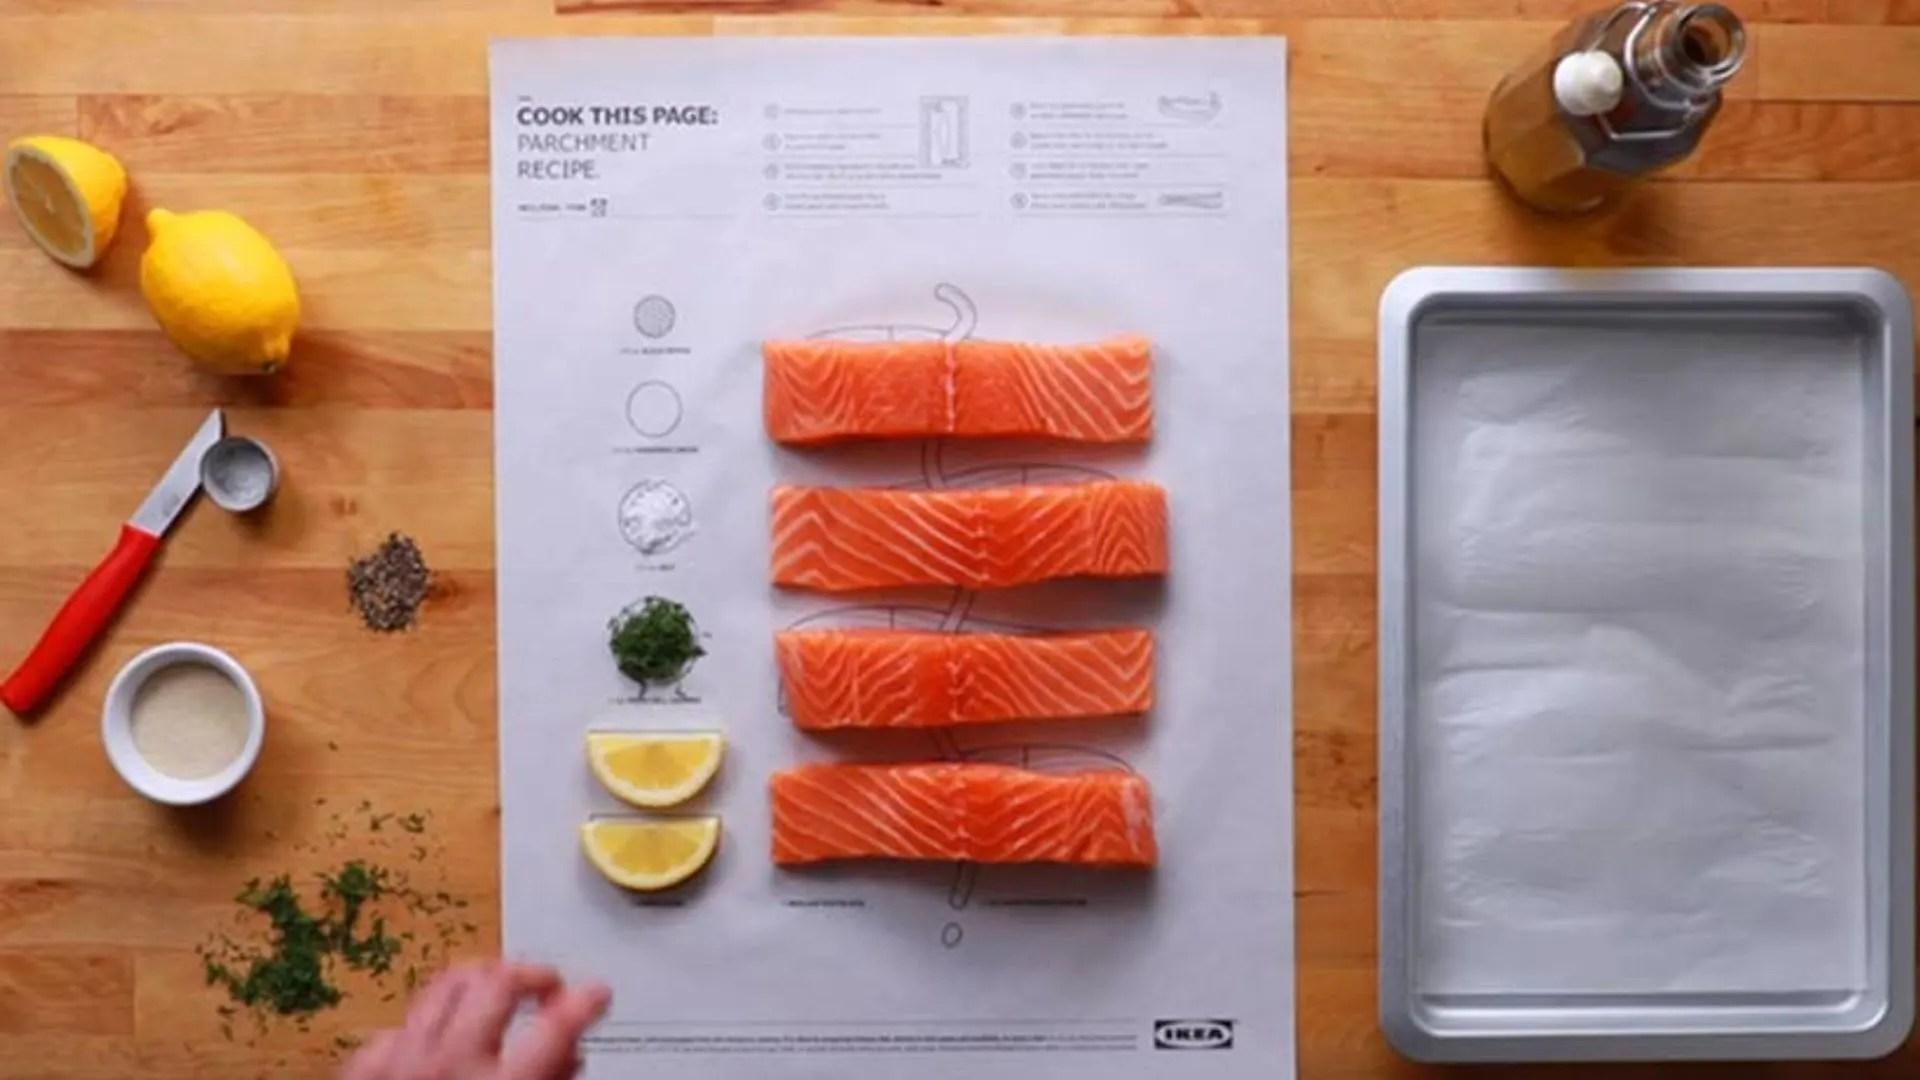 Cuisine Ingenious